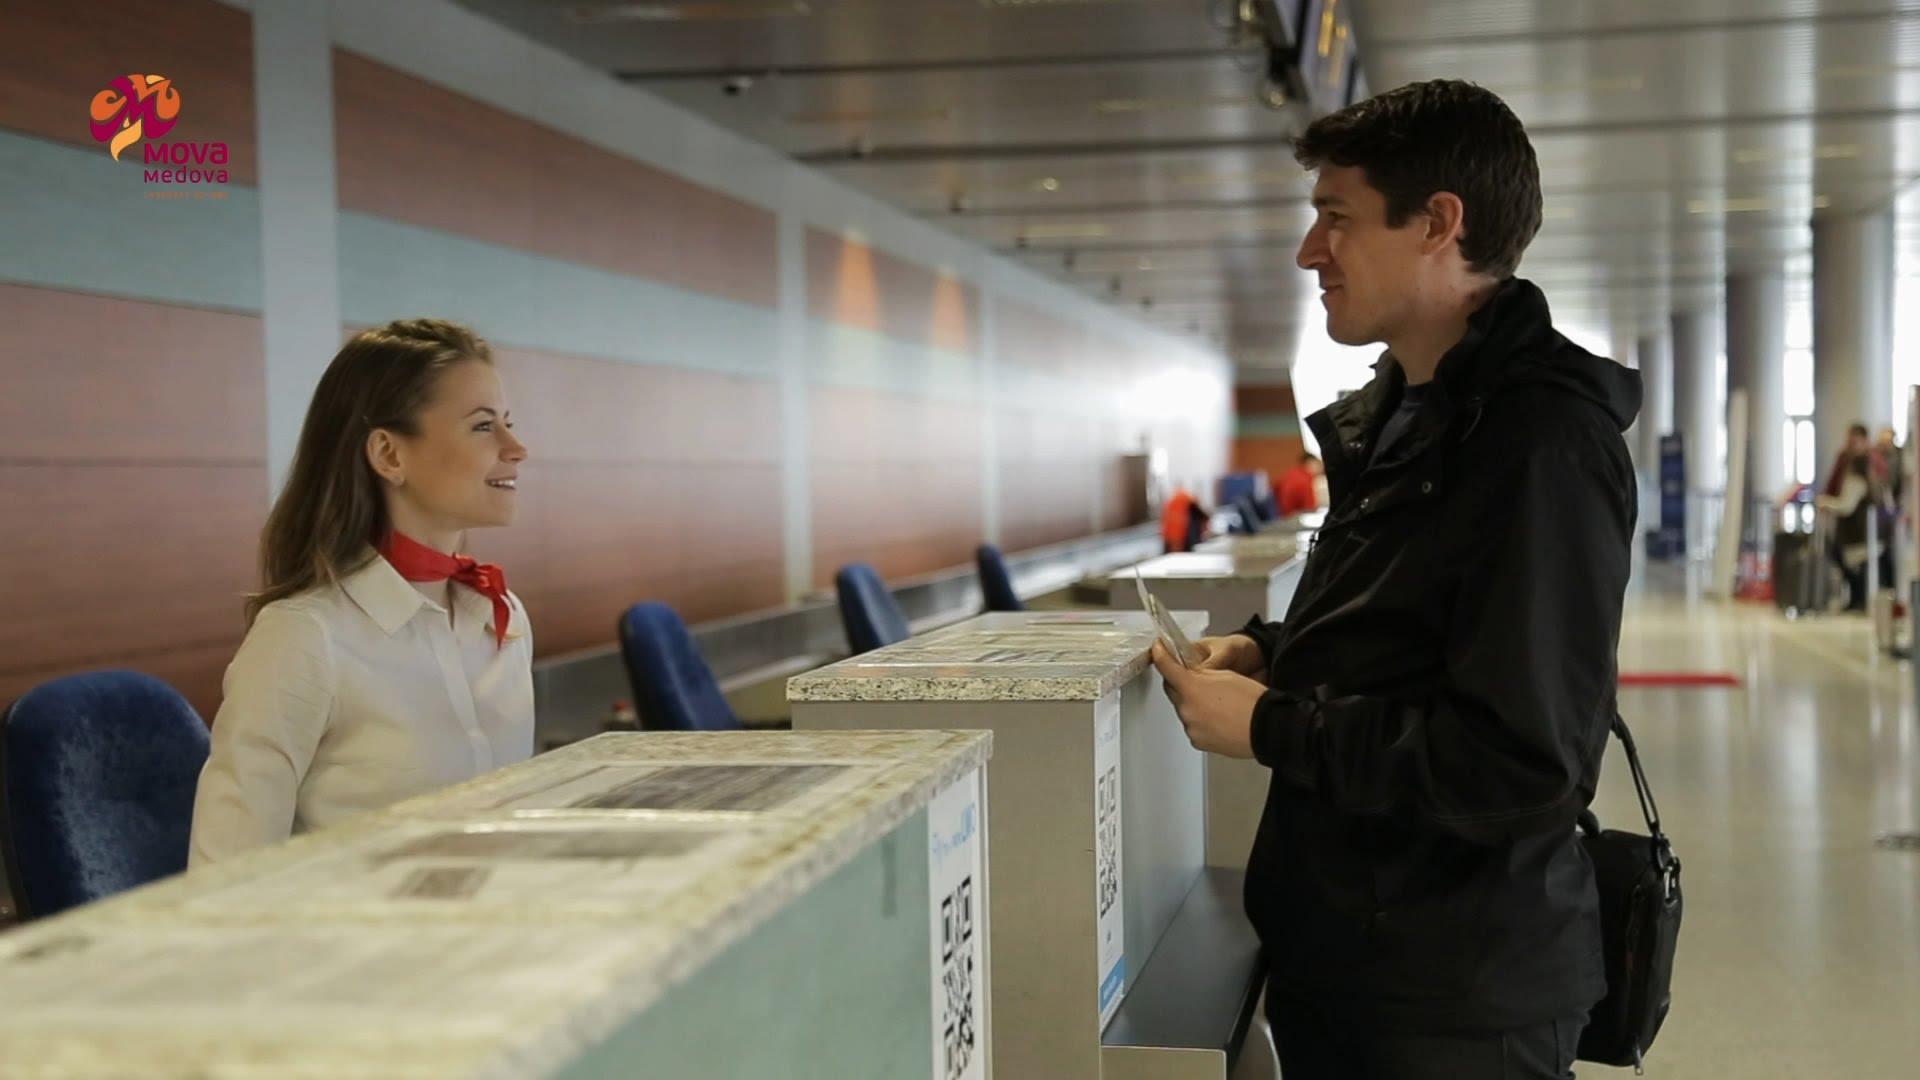 【實用對話】到機場怎麼報到?